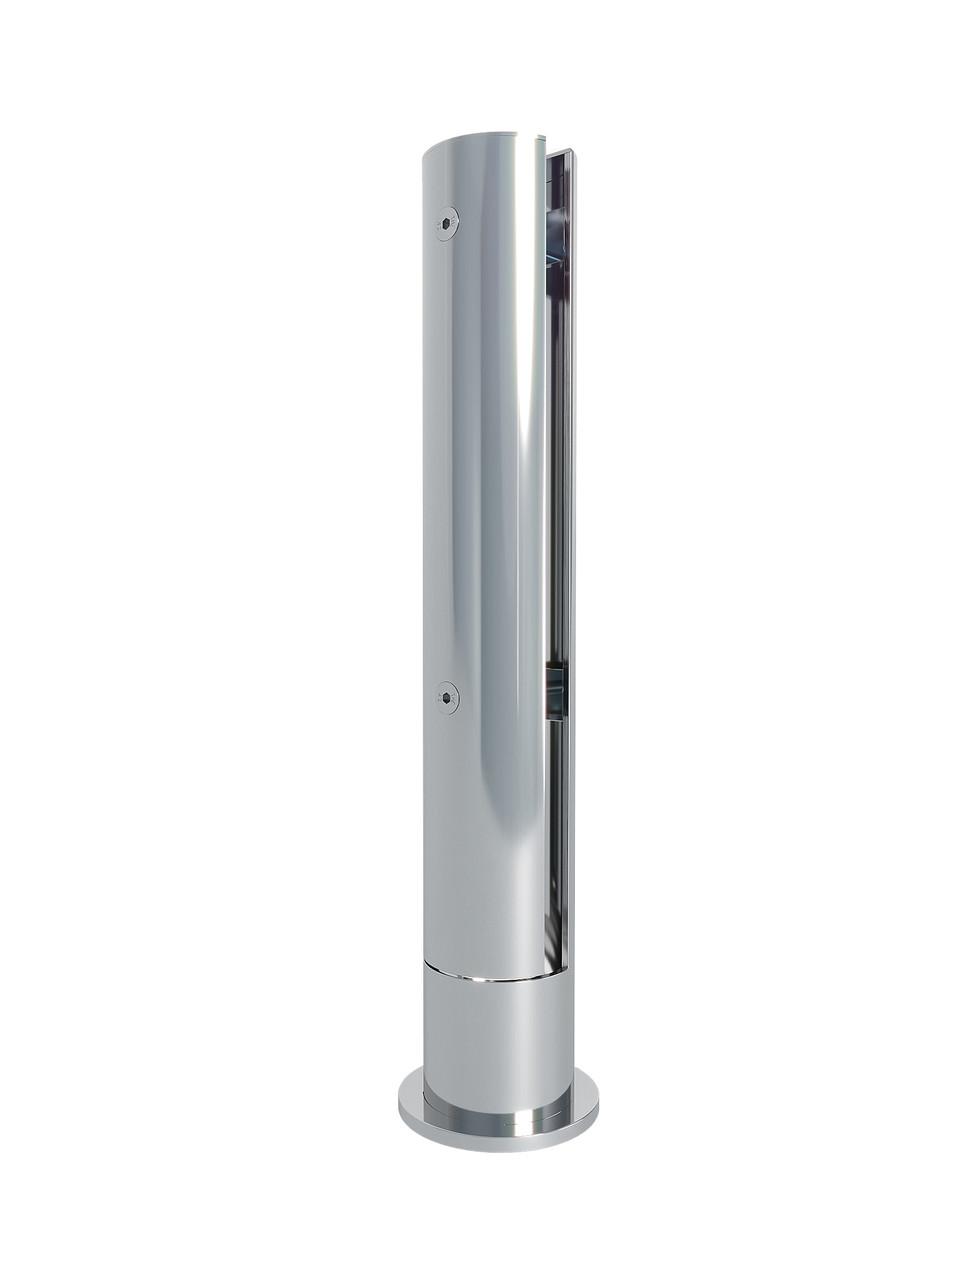 ODF-02-19-02-H370 Одне анкерна стійка для скла з нержавіючої сталі, D 60 мм, H 370 мм, для огорож і поручнів